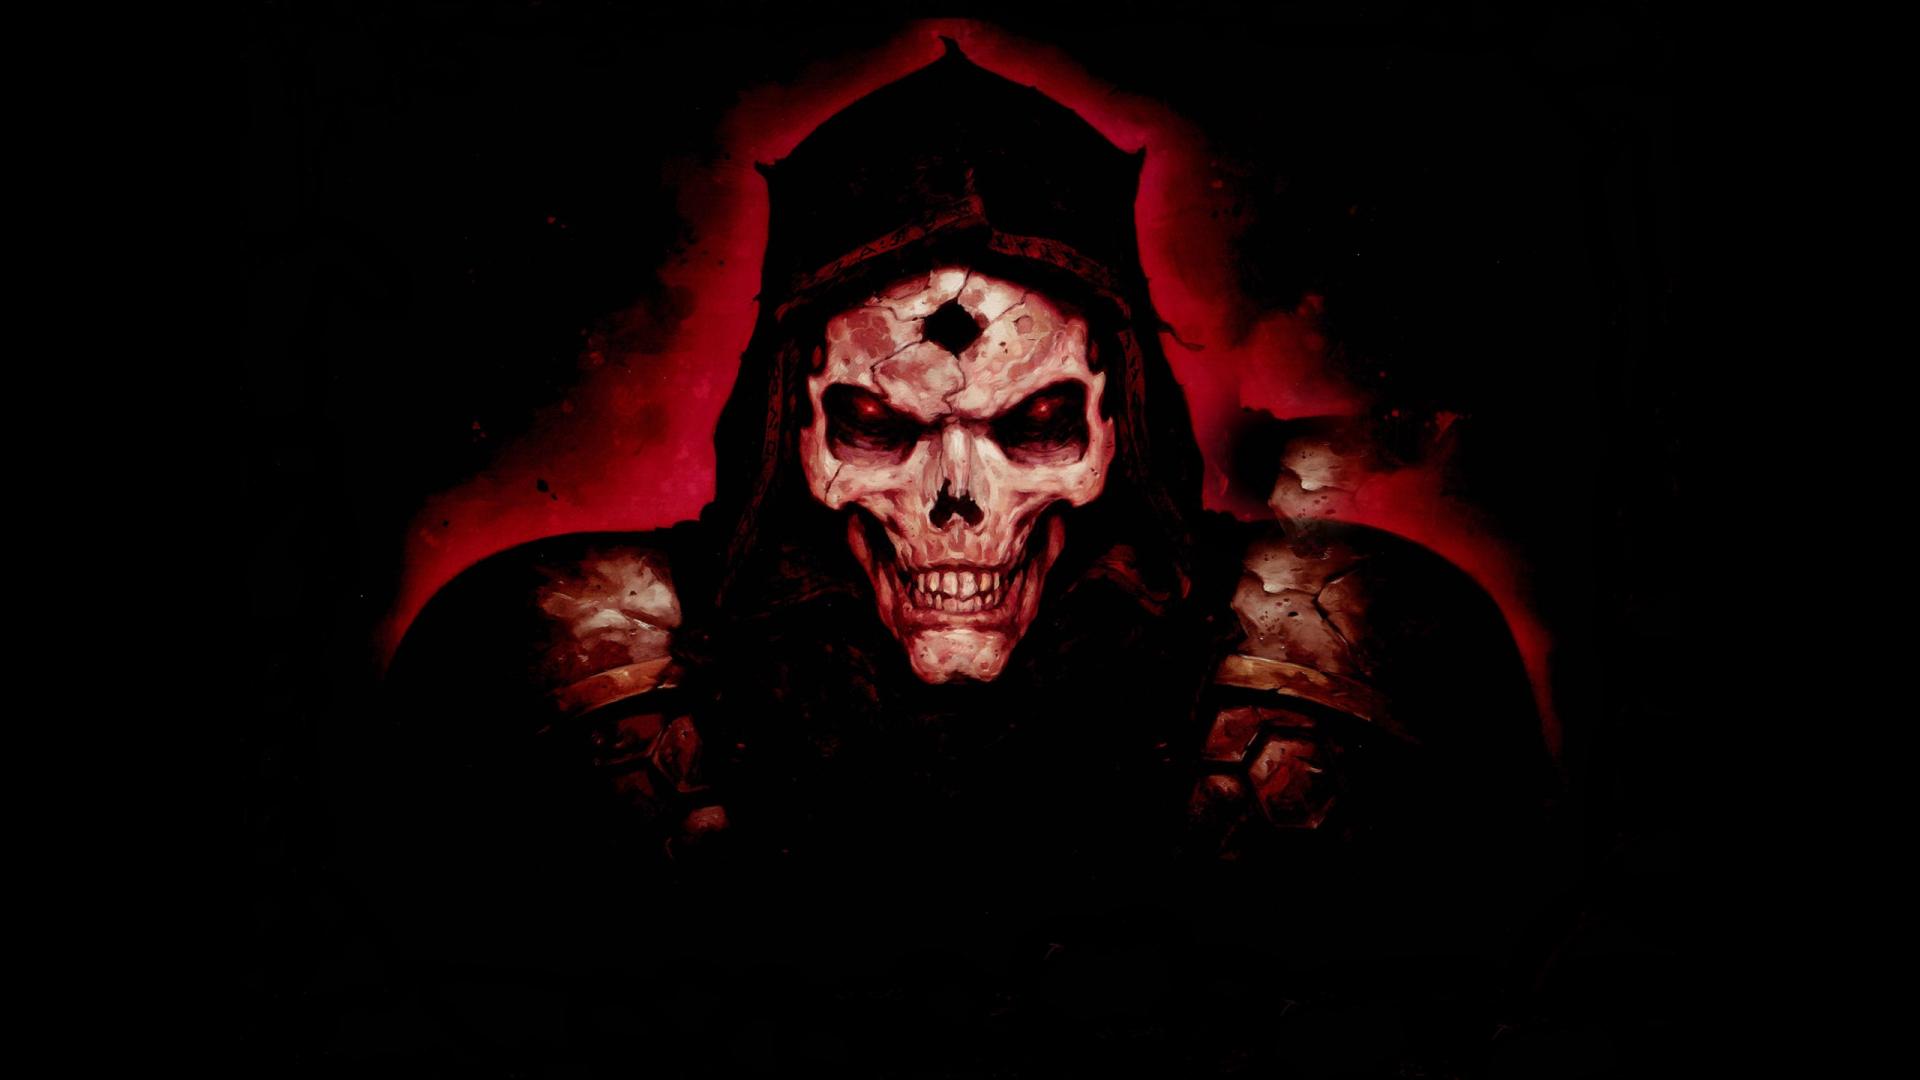 «Вы не скроетесь от меня даже после смерти»: Diablo II исполнилось 20 лет